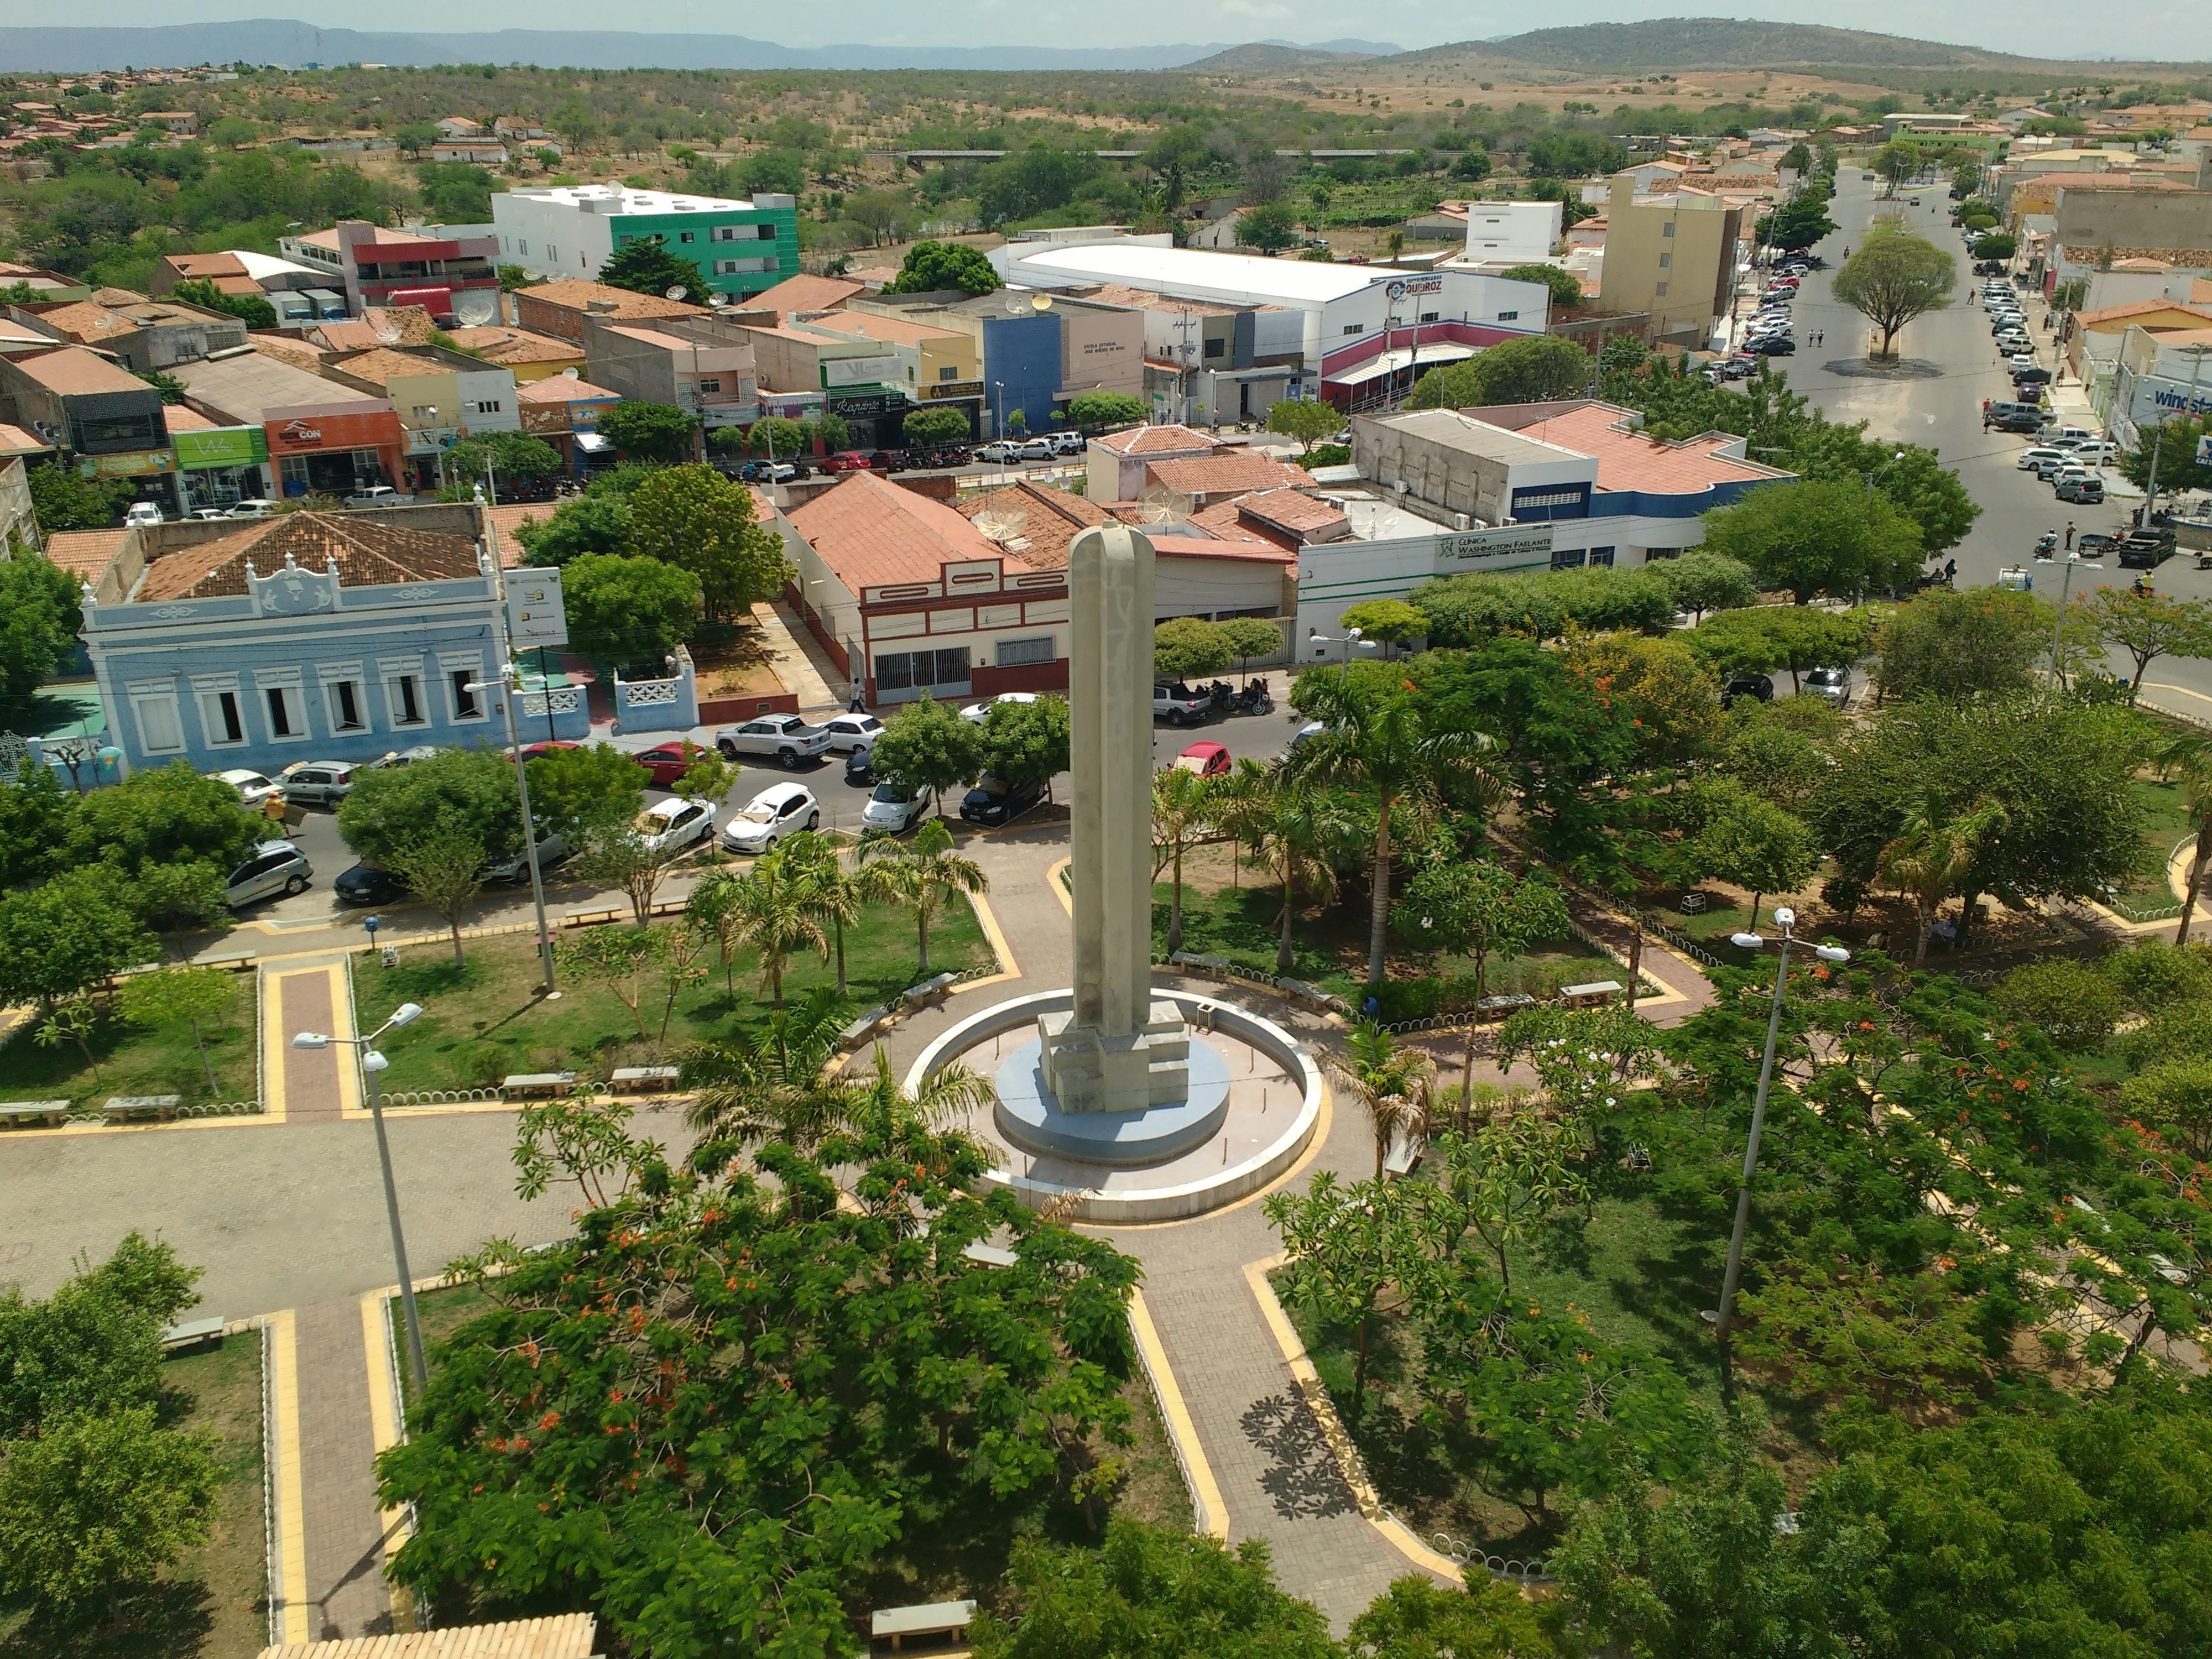 Pau dos Ferros Rio Grande do Norte fonte: upload.wikimedia.org